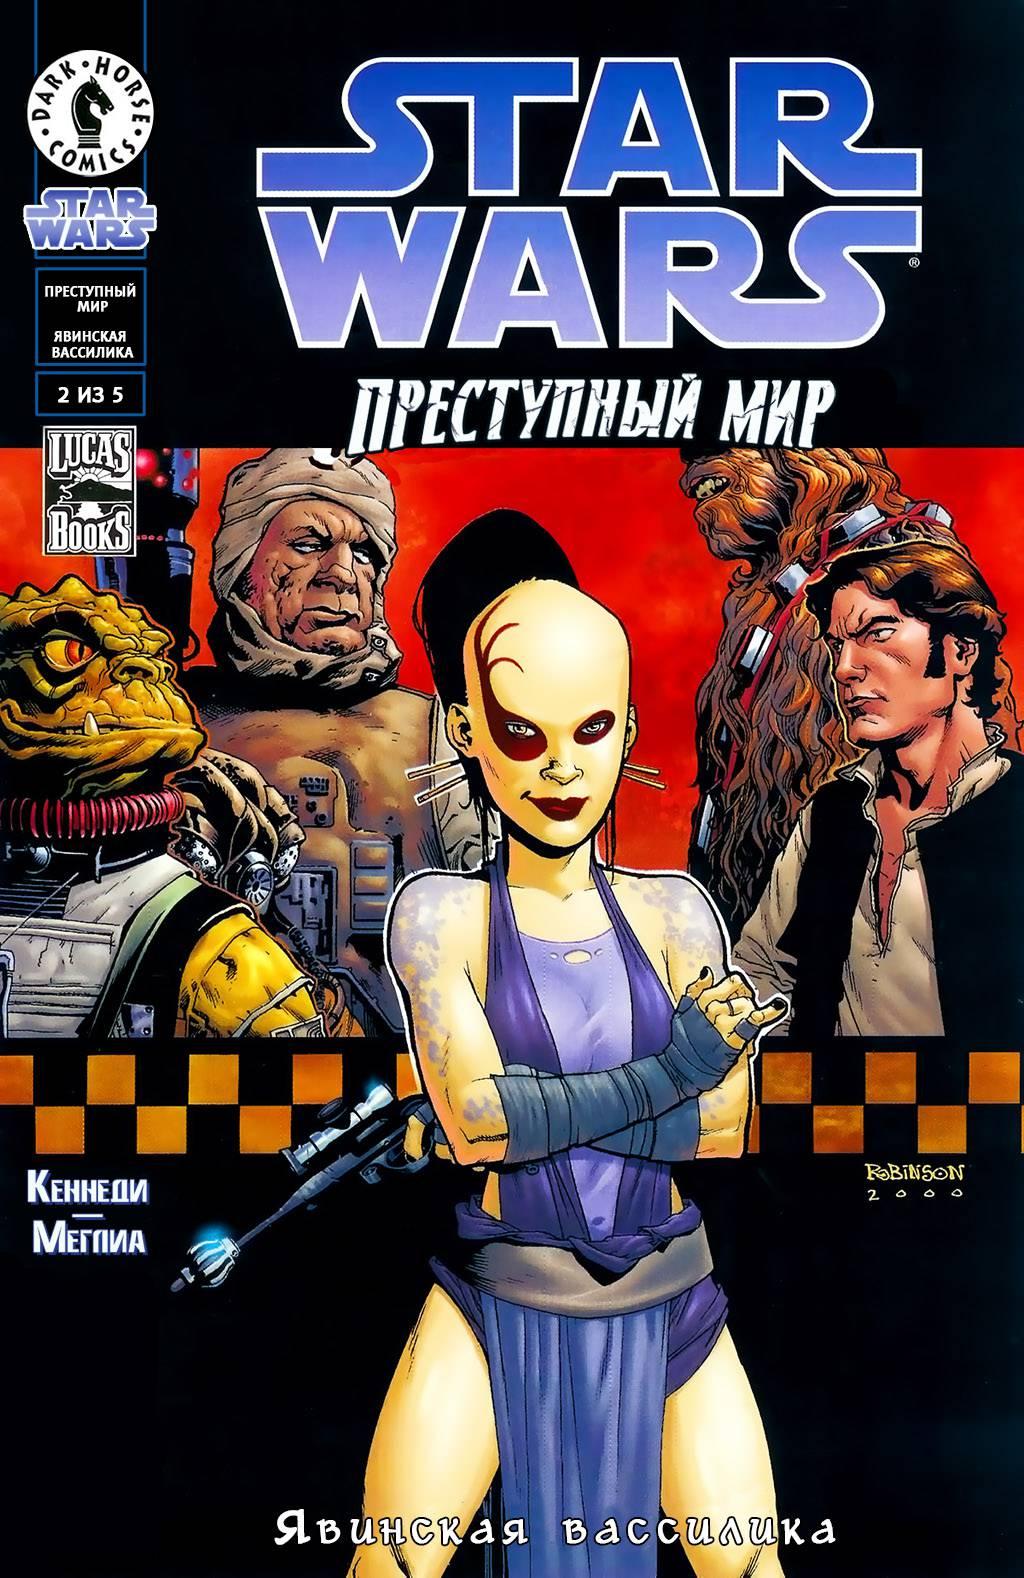 Звездные Войны: Преступный Мир - Явинская Вассилика №2 онлайн